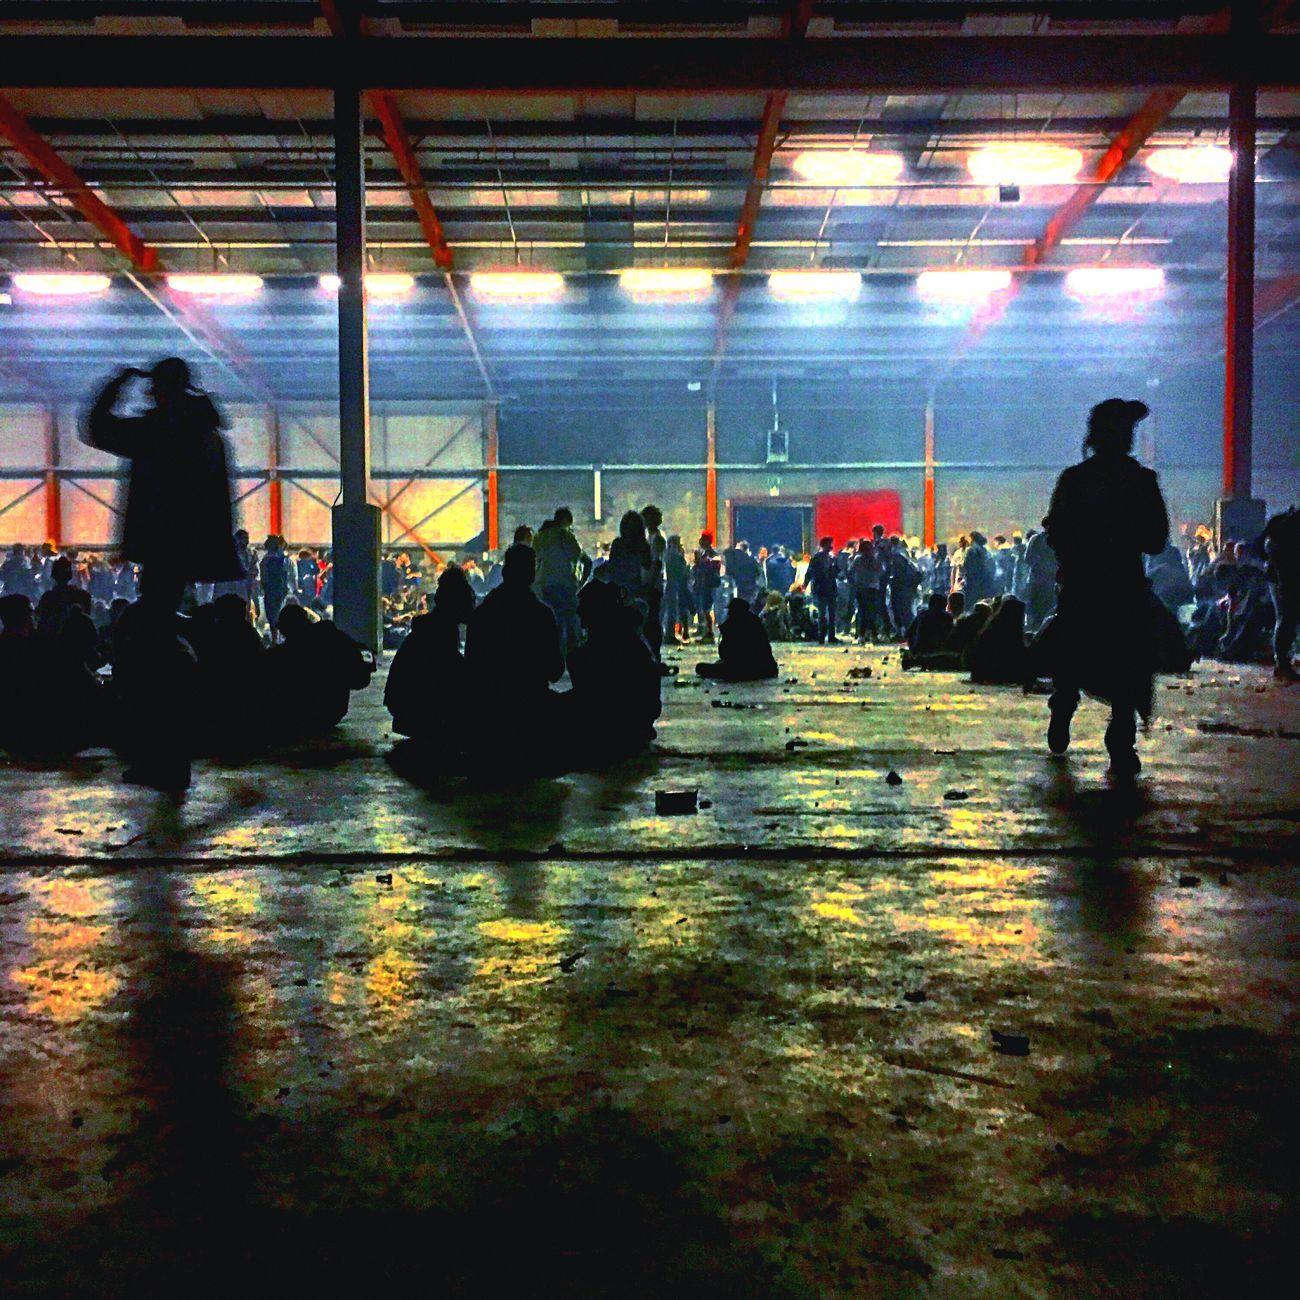 Insani-tek Night Growth Raves UnderGrounDPower